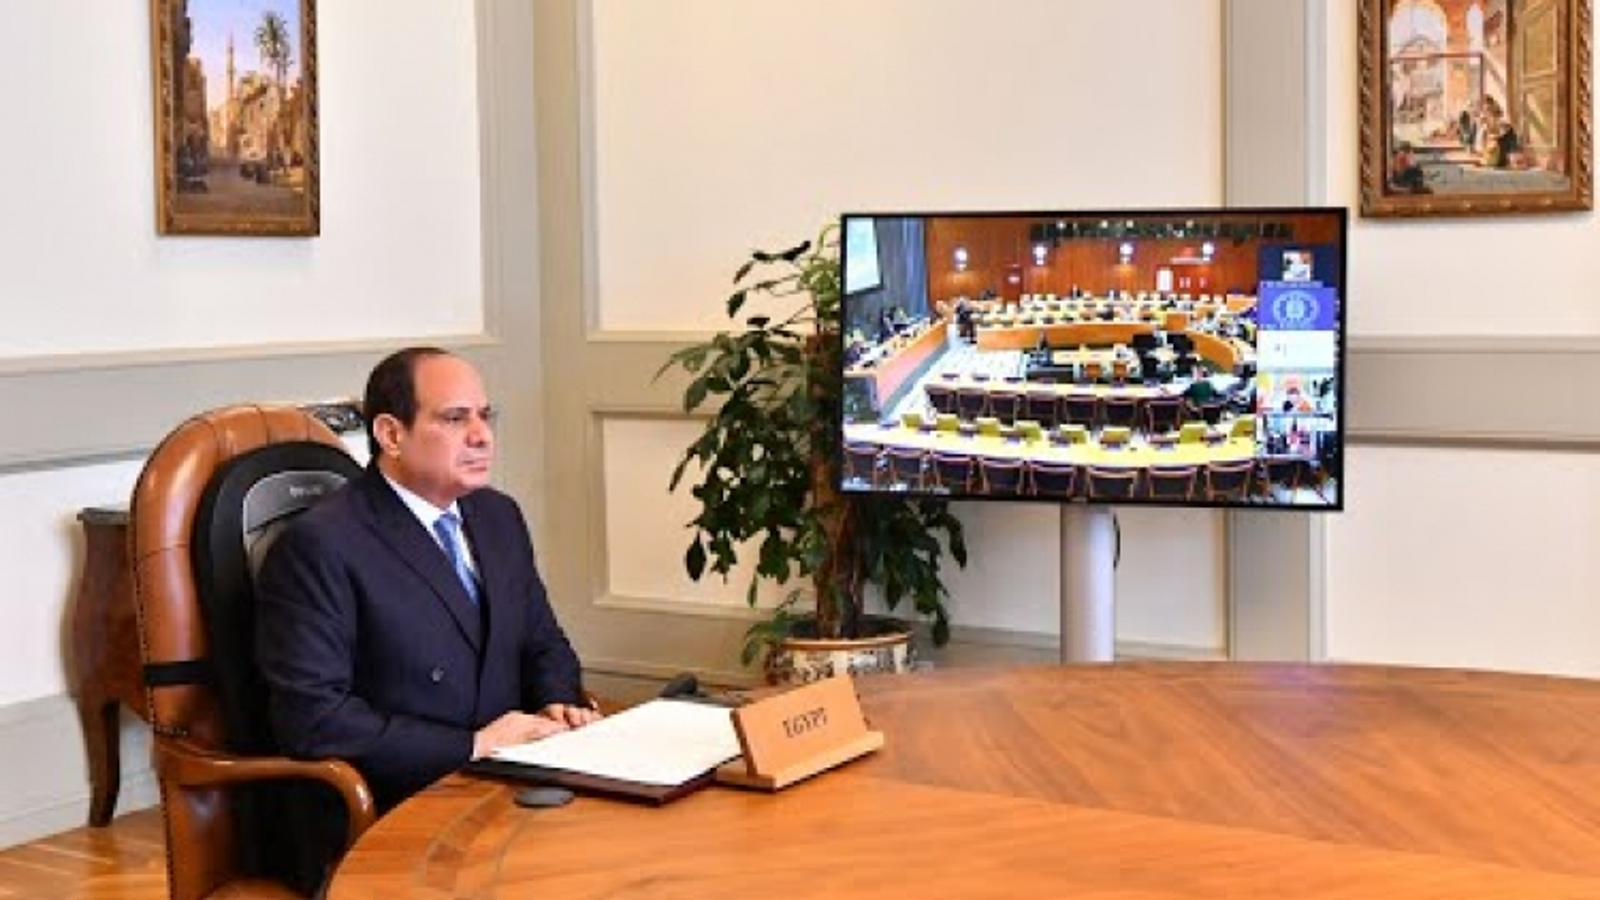 Tổng thống Ai Cập kêu gọi hạn chế xây dựng đập thủy điện trên các dòng sông quốc tế